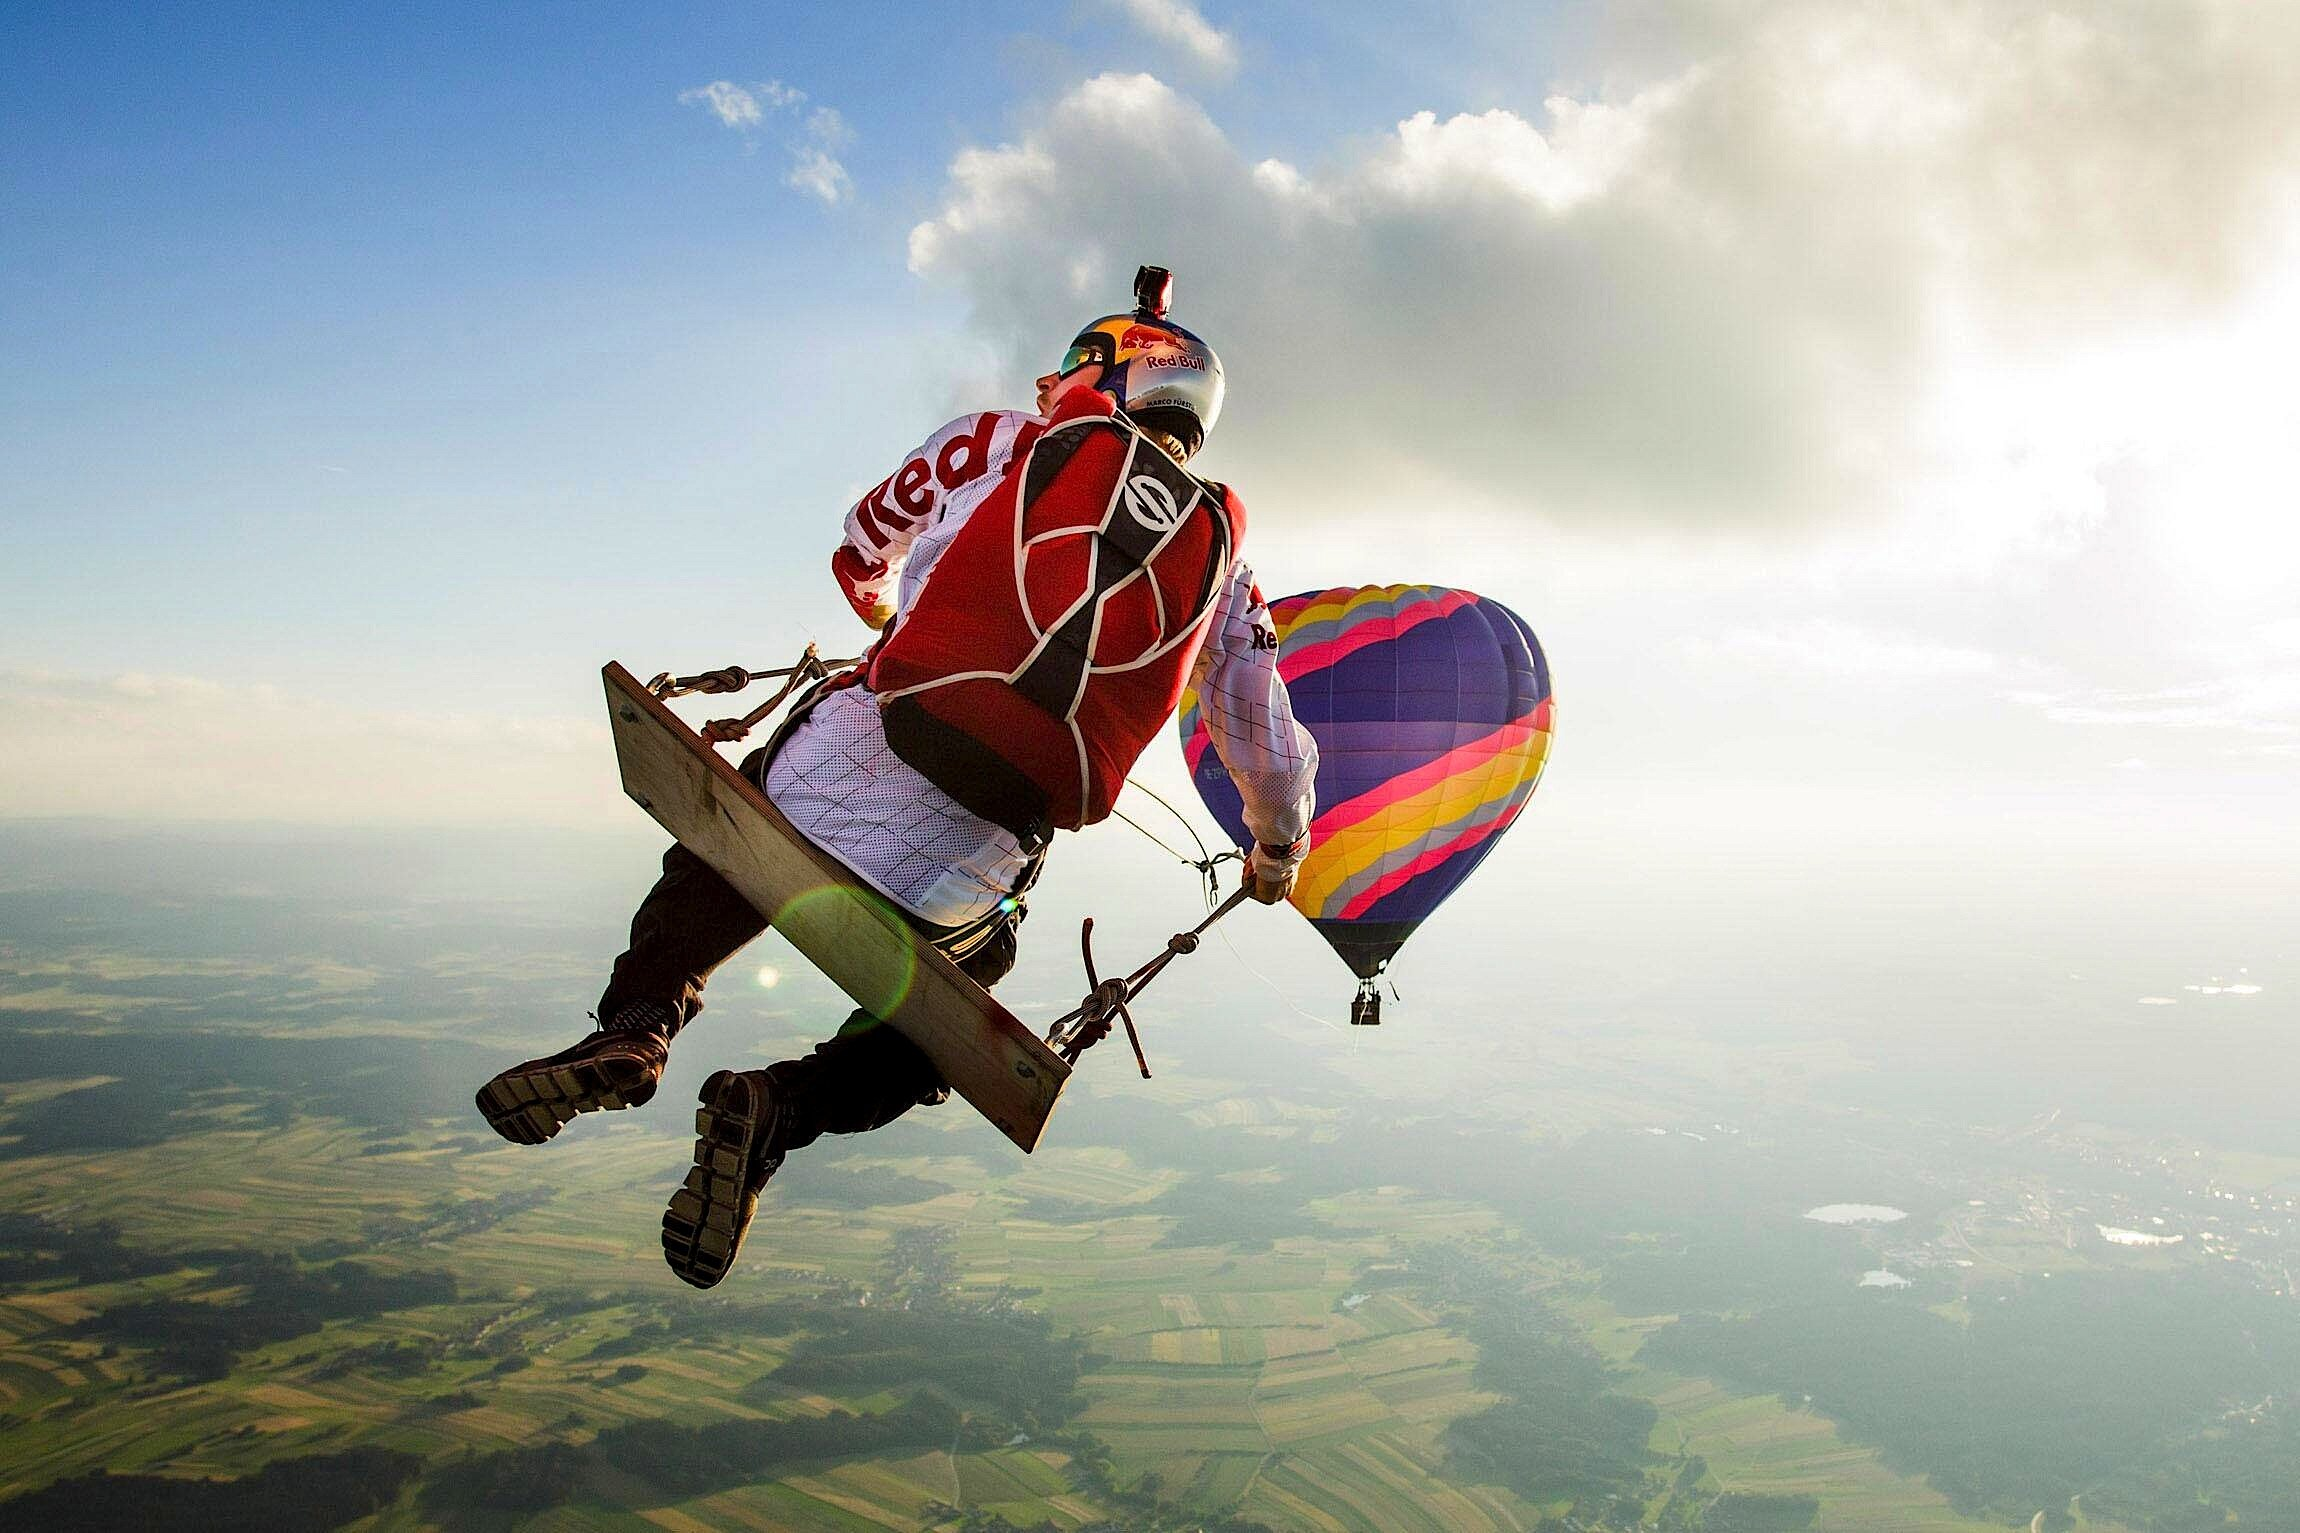 Da stockt der Atem:Marco Fürst stürzt sich in 1.800 m Höhe auf einer Schaukel in die Tiefe.